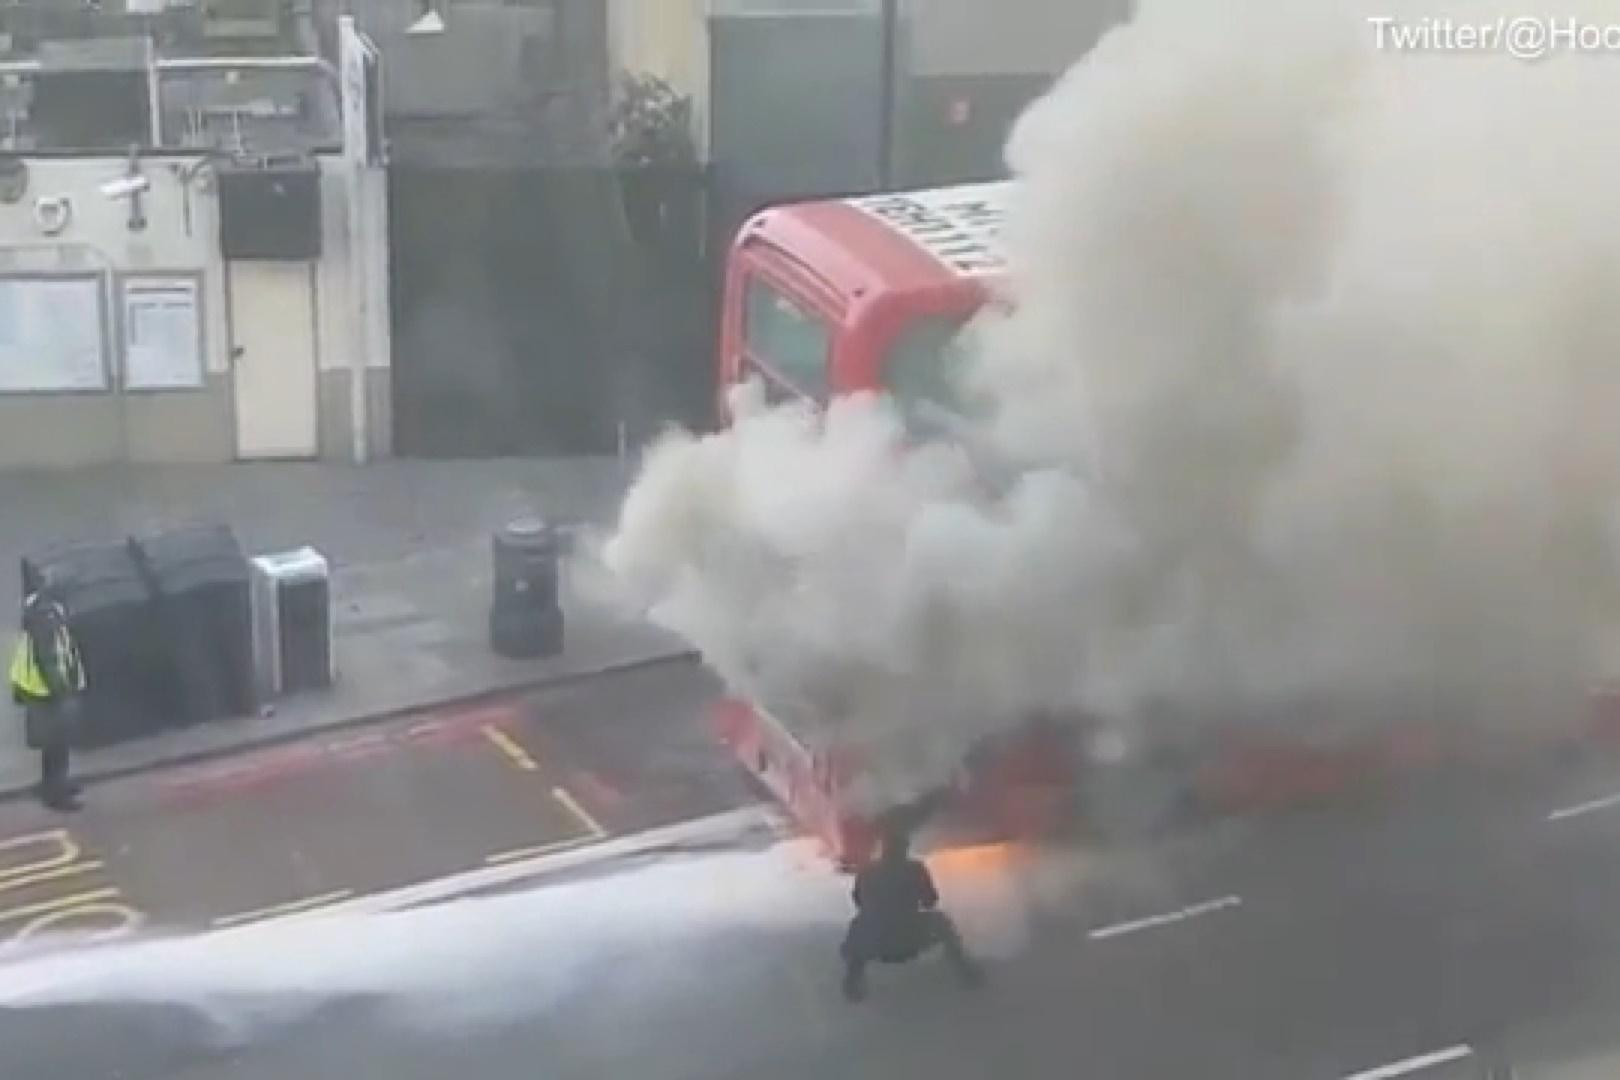 فیلم | حریق ناگهانی یک اتوبوس در خیابانهای لندن